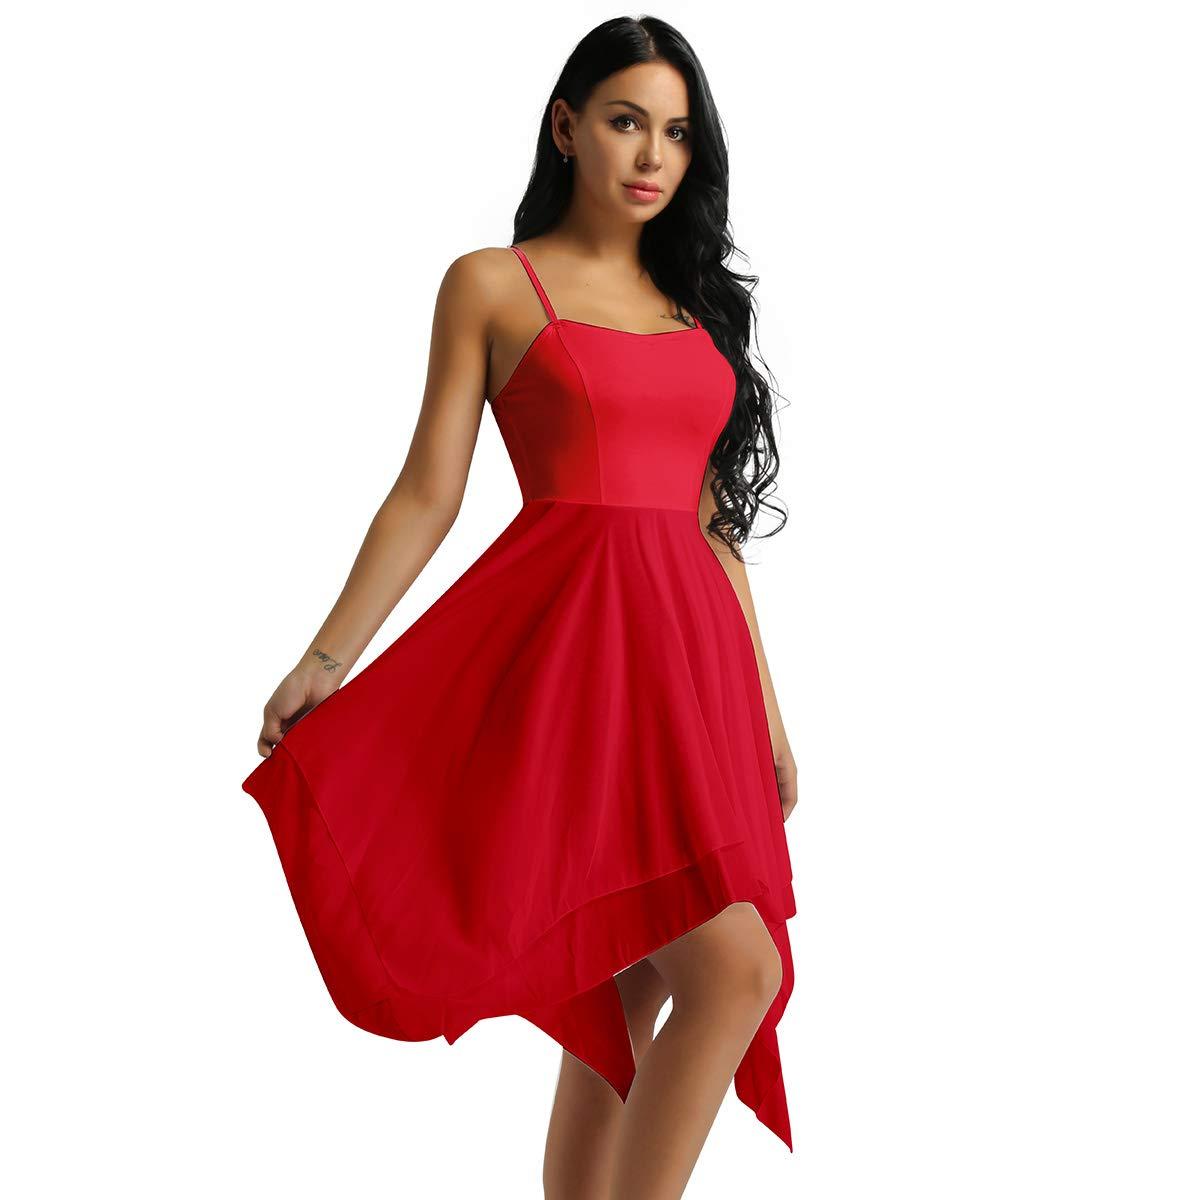 easyforever Womens Elegant Lyrical Ballet Contemporary Dance Dresses Asymmetric Sweetheart Dress